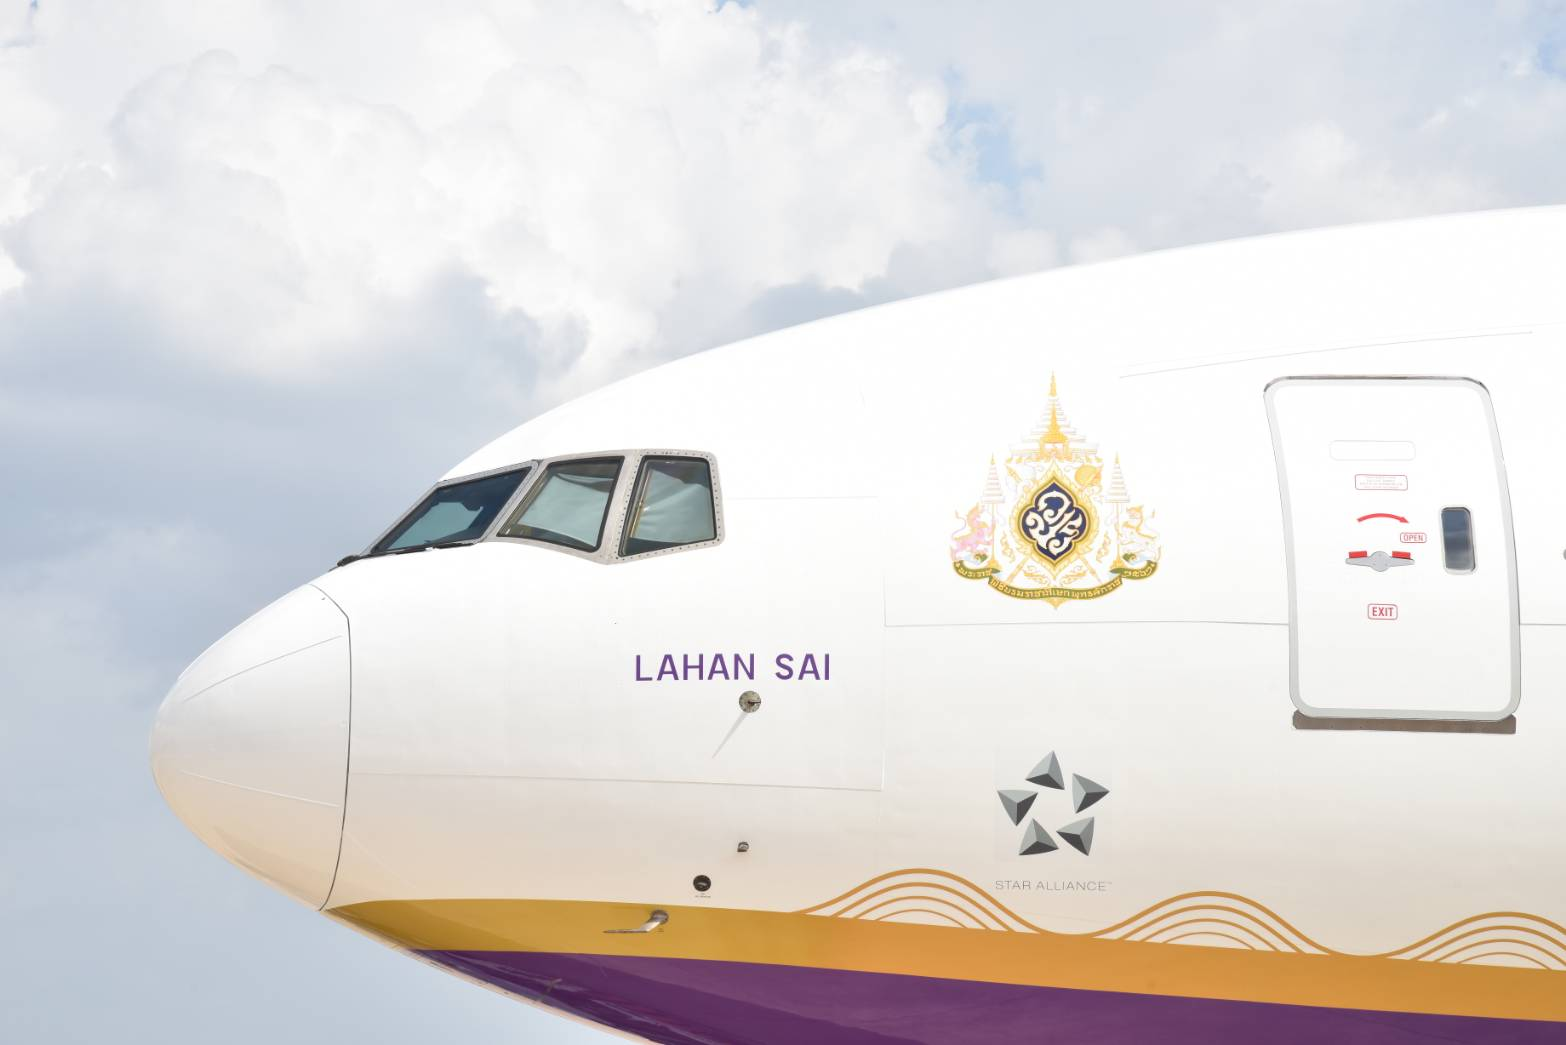 Thai 777 Royal Barge